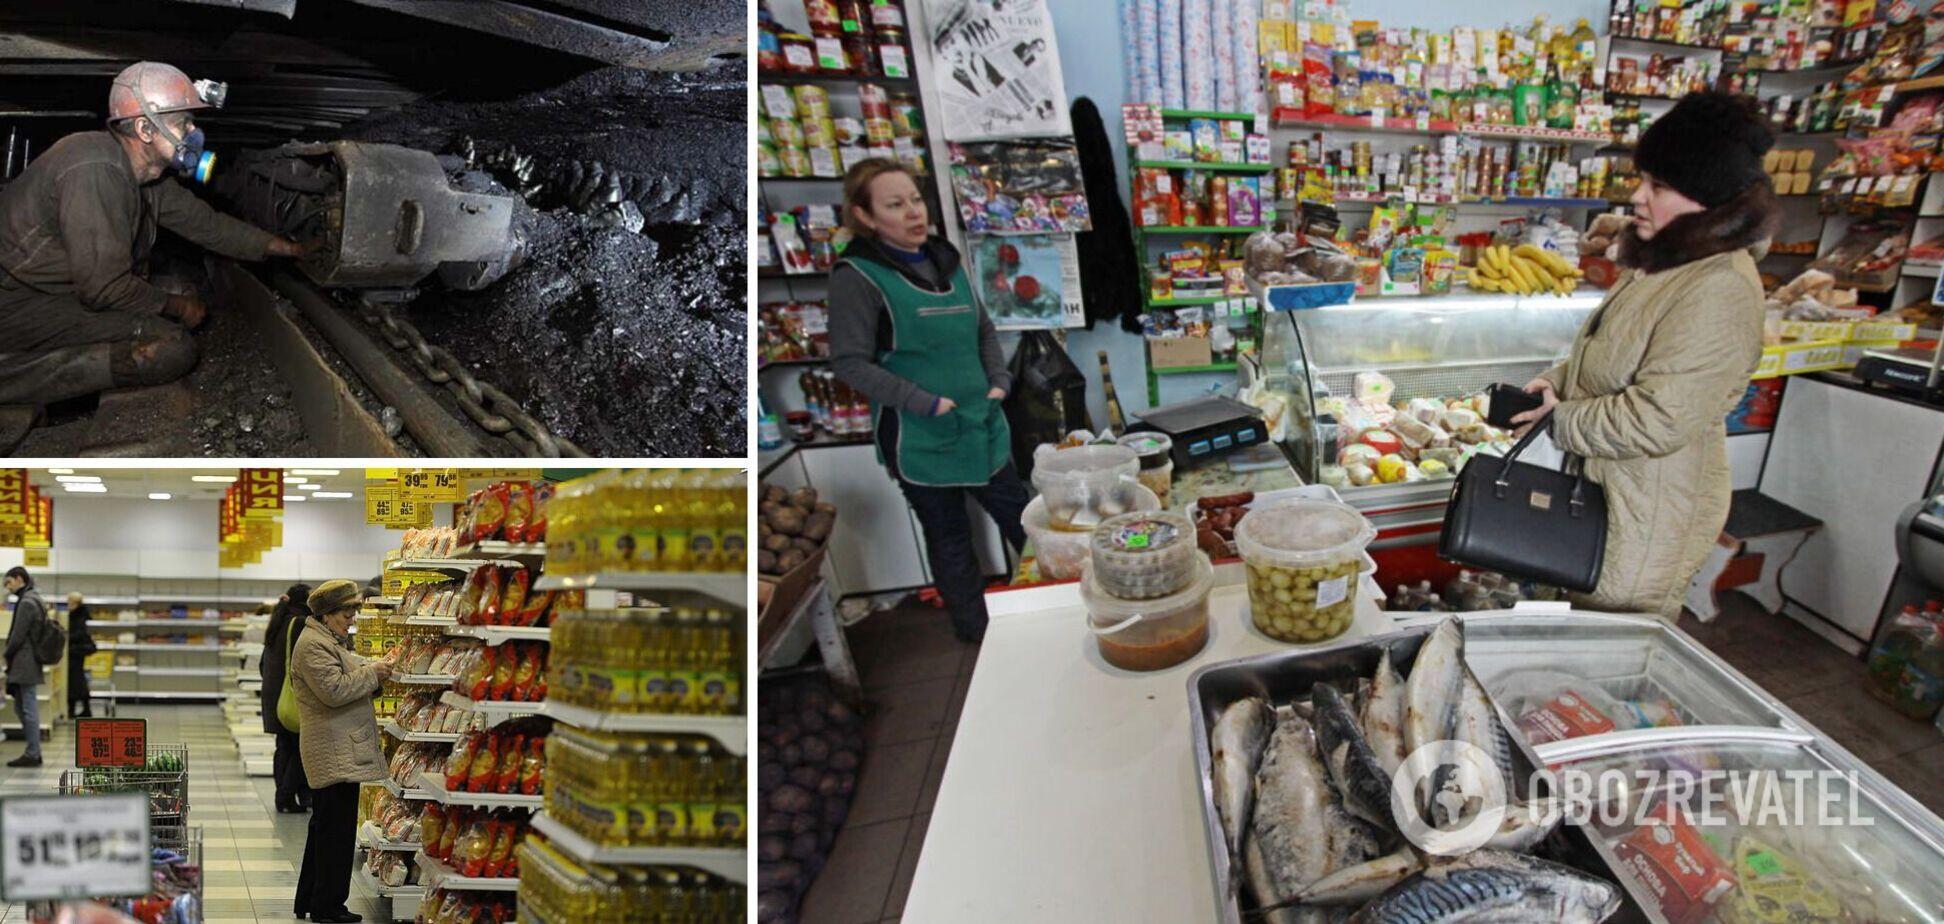 'Довелося покласти зуби на полицю': в 'ДНР' різко виросли ціни, а необхідні продукти зникли з магазинів